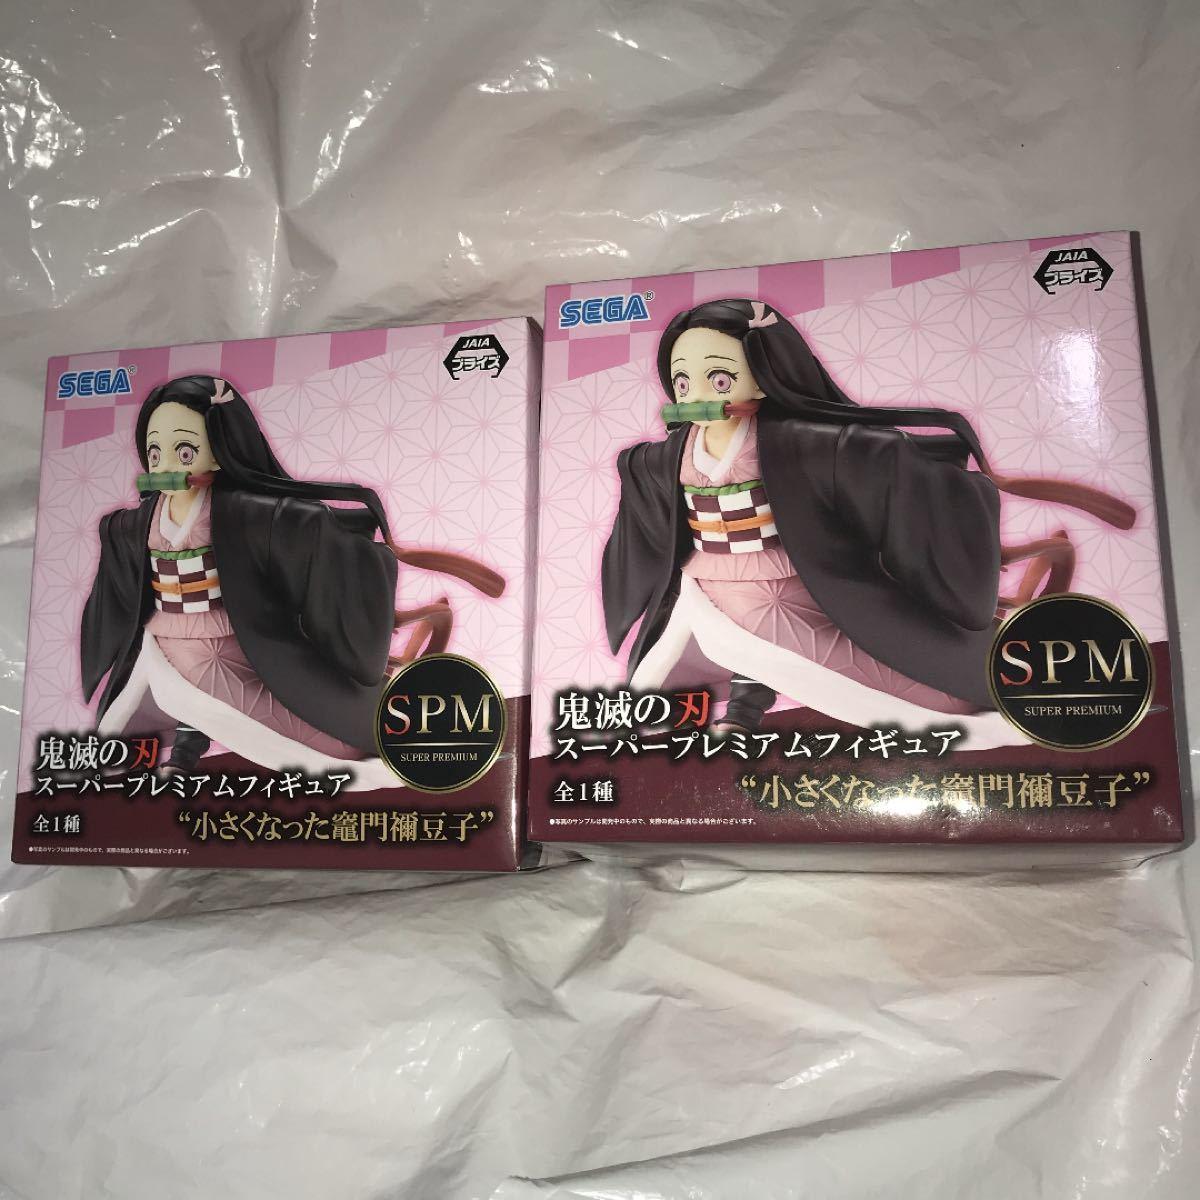 鬼滅の刃 SPM フィギュア 小さくなった 竈門 禰豆子